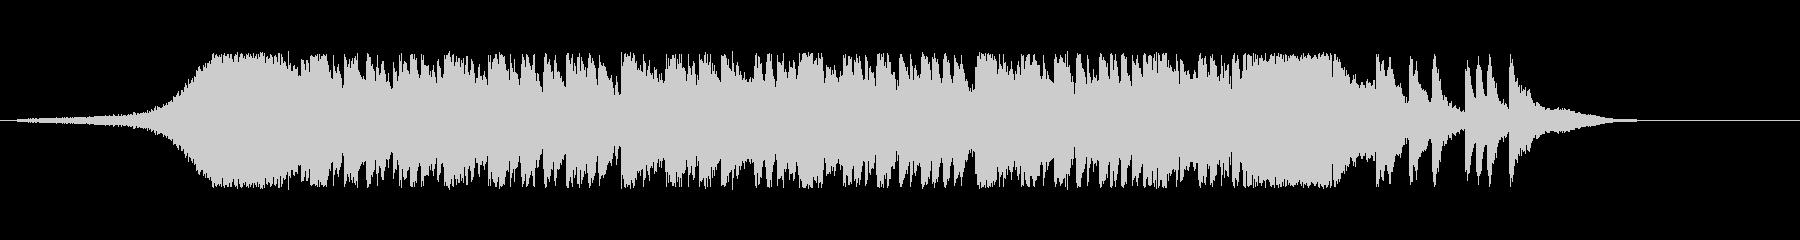 【爽やか】新しい挑戦をする雰囲気のBGMの未再生の波形